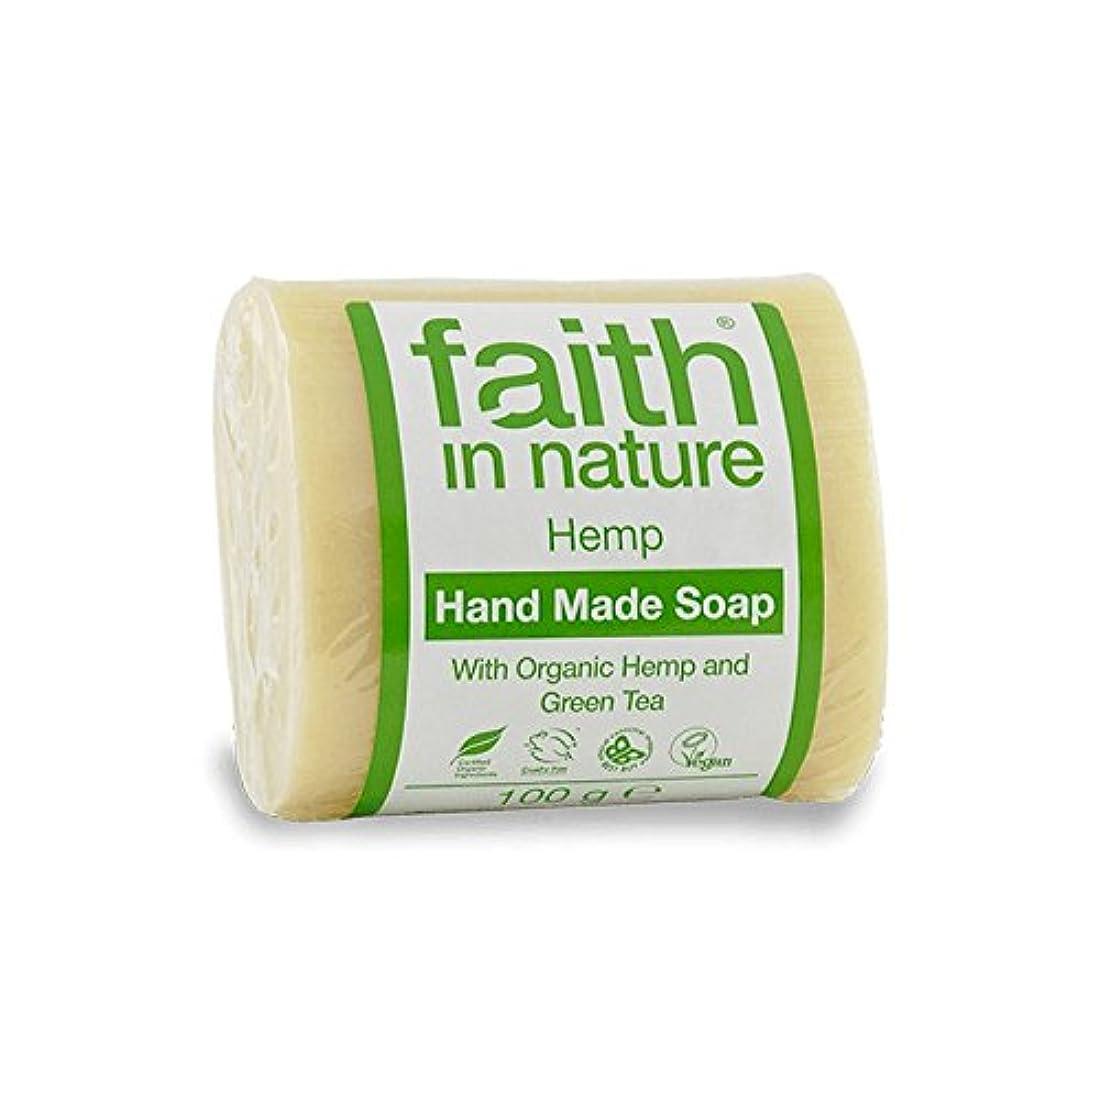 ピニオン伝統的刈るFaith in Nature Hemp with Green Tea Soap 100g (Pack of 2) - 緑茶石鹸100グラムと自然の麻の信仰 (x2) [並行輸入品]